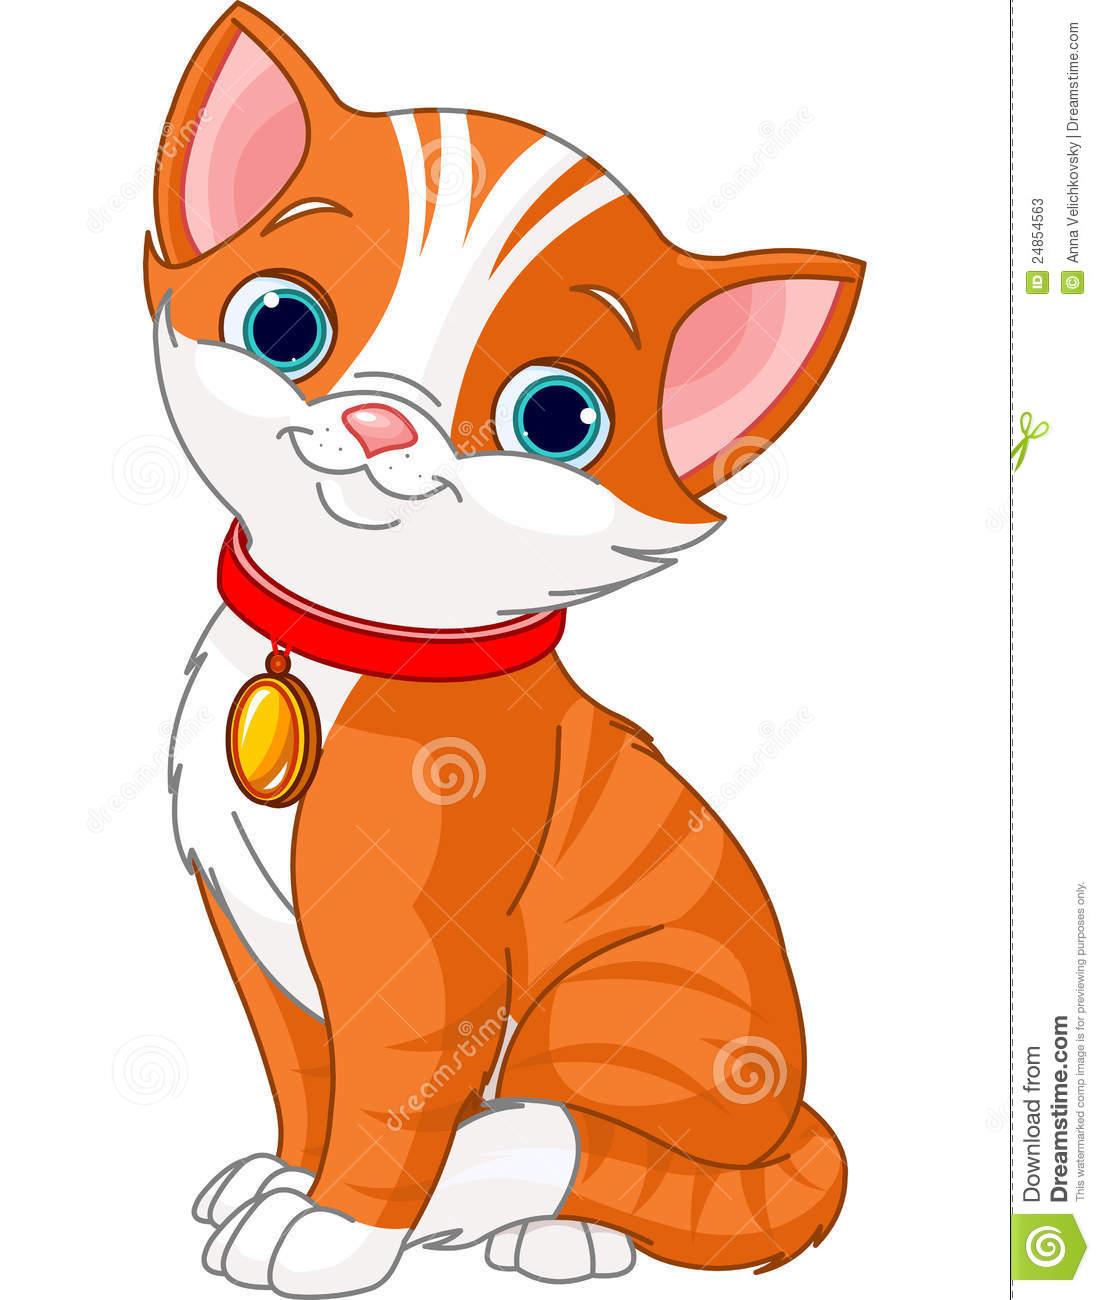 838 Cute Cat free clipart.